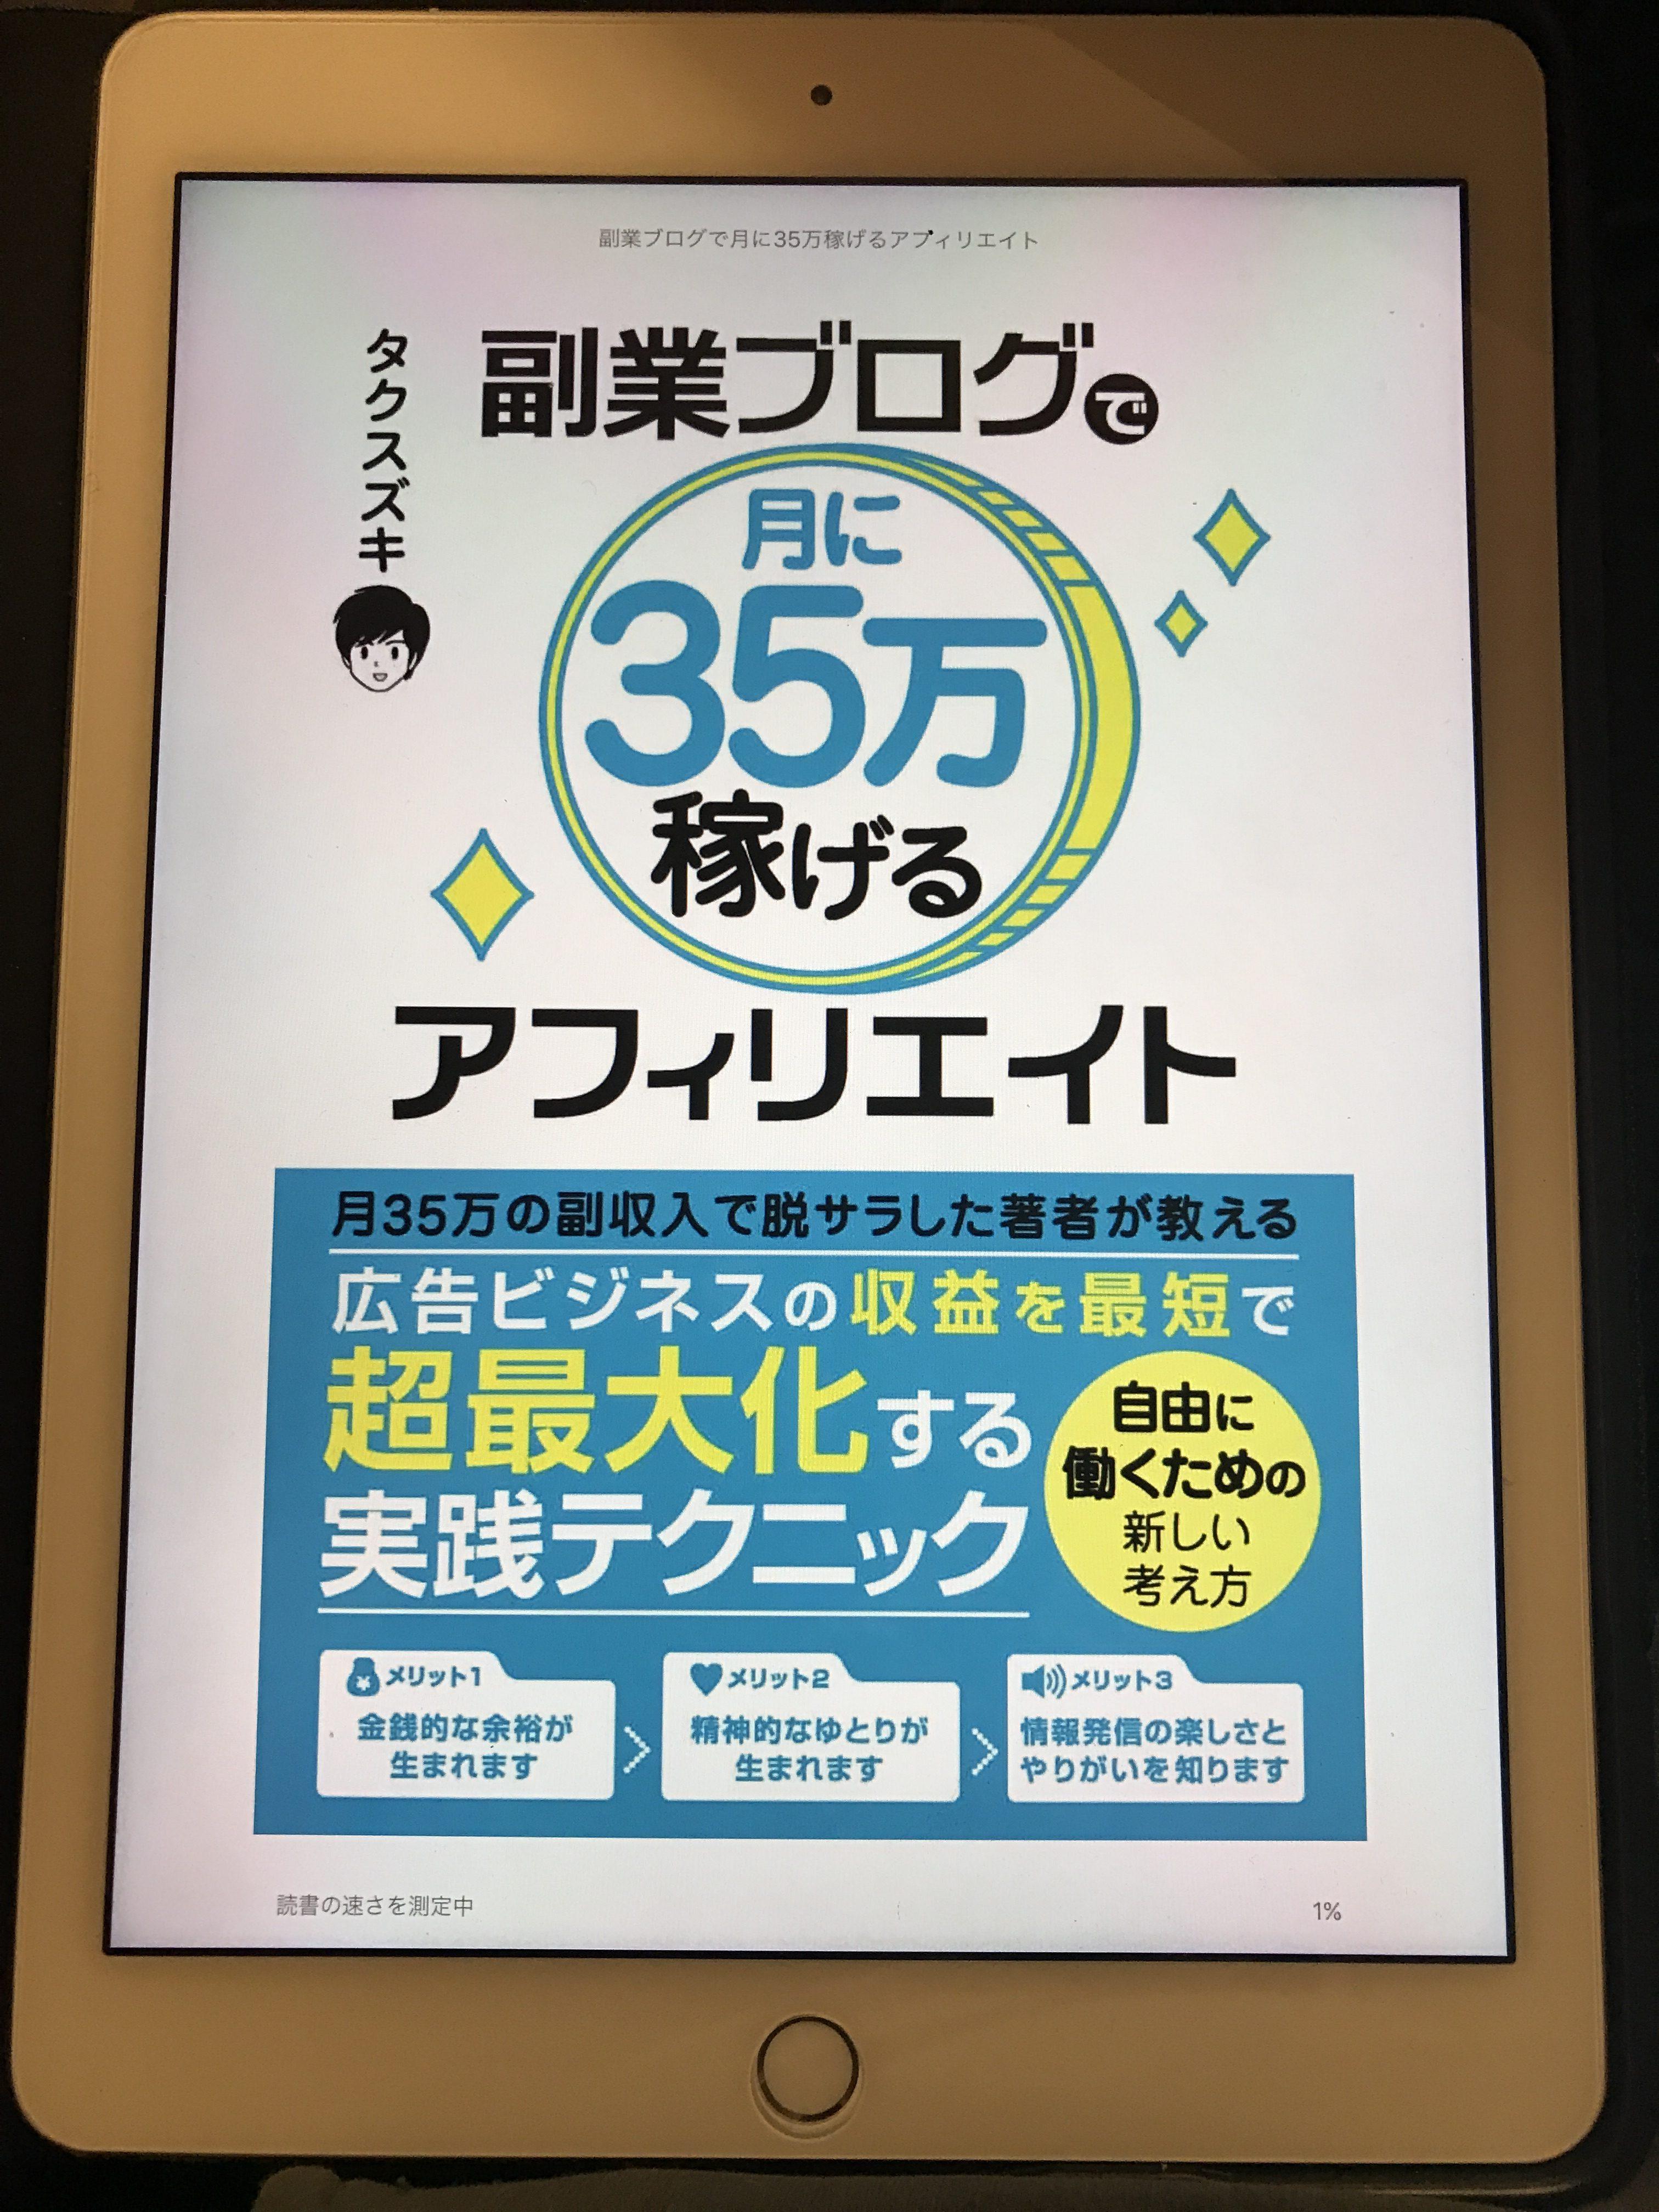 タクスズキさんの「副業ブログで月に35万円稼げるアフィリエイト」を読んでみた